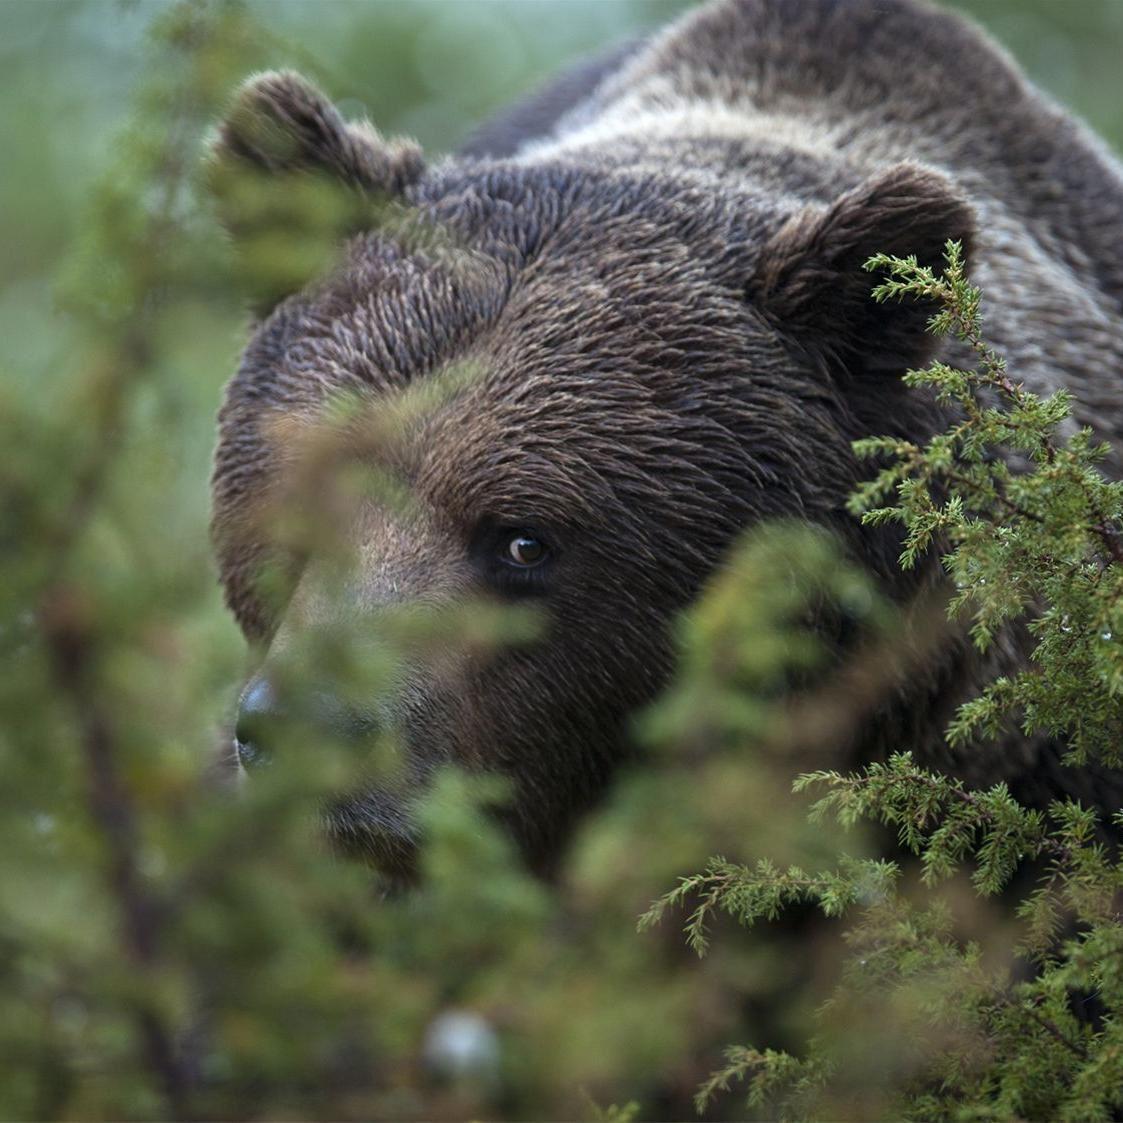 Håkan Vargas S.,  © Håkan Vargas S., Som fotograf blir man lycklig när någon björn törs komma lite närmare.